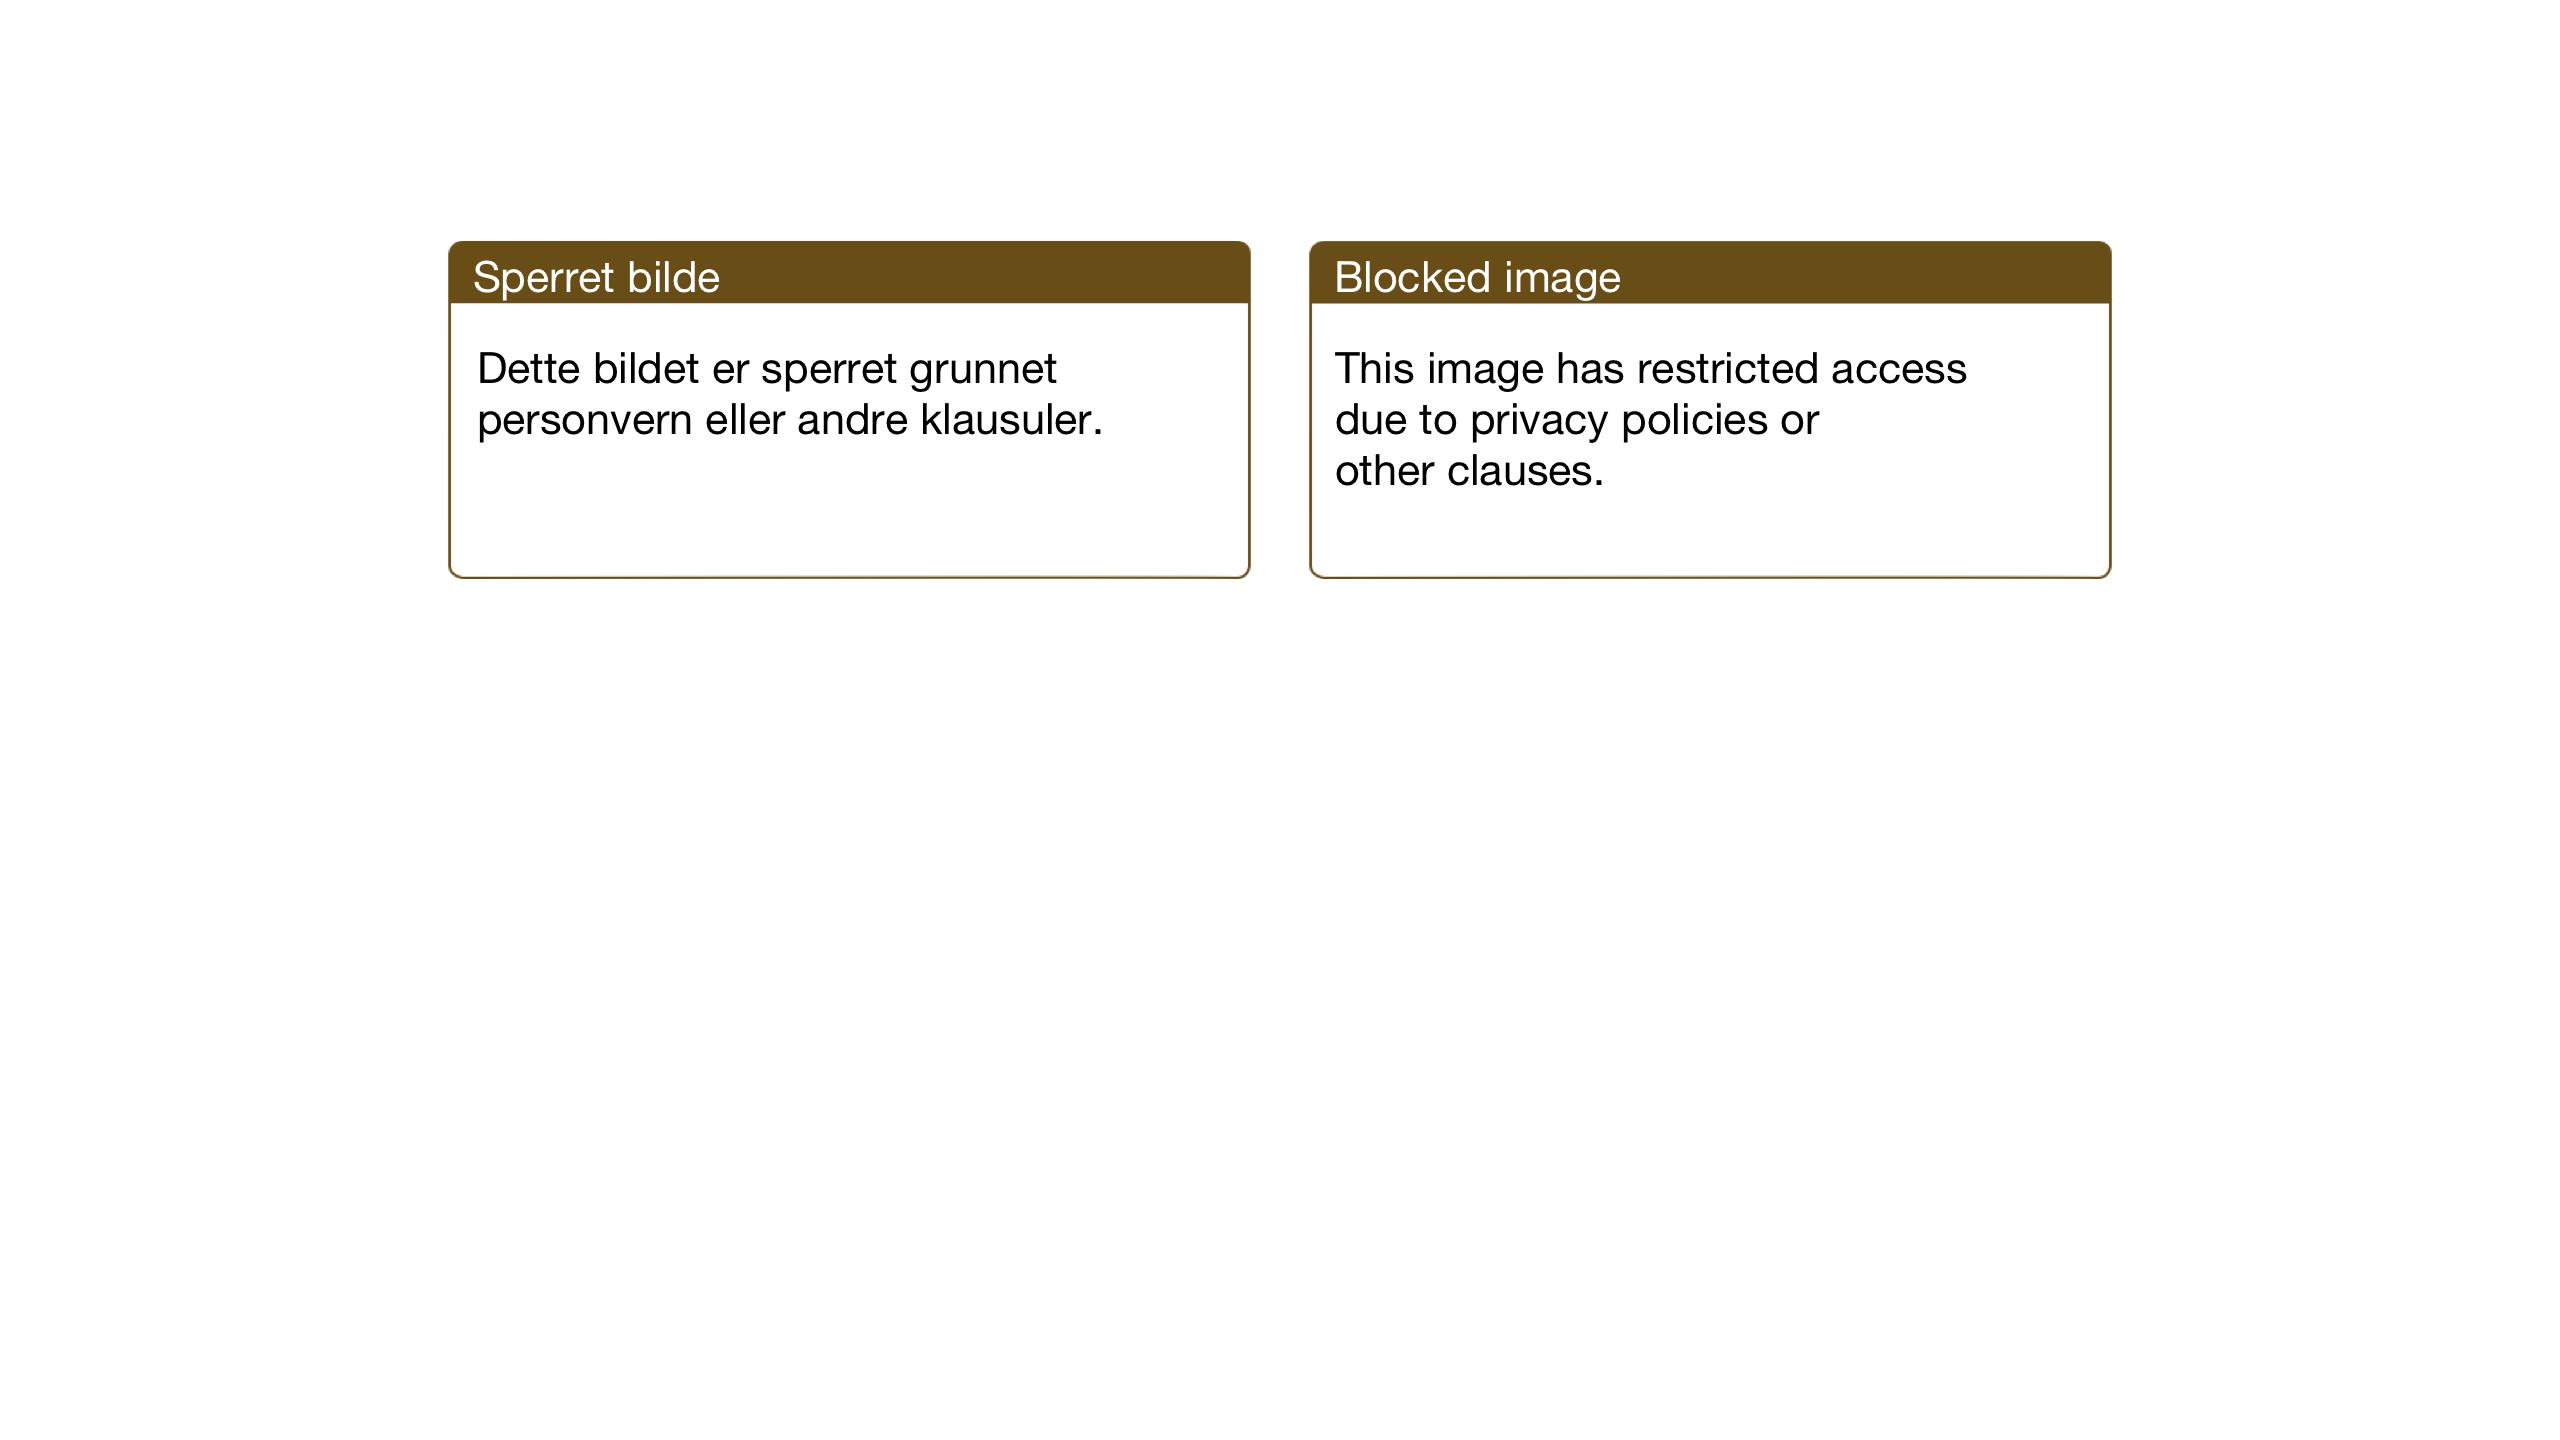 SAT, Ministerialprotokoller, klokkerbøker og fødselsregistre - Nord-Trøndelag, 773/L0625: Klokkerbok nr. 773C01, 1910-1952, s. 236